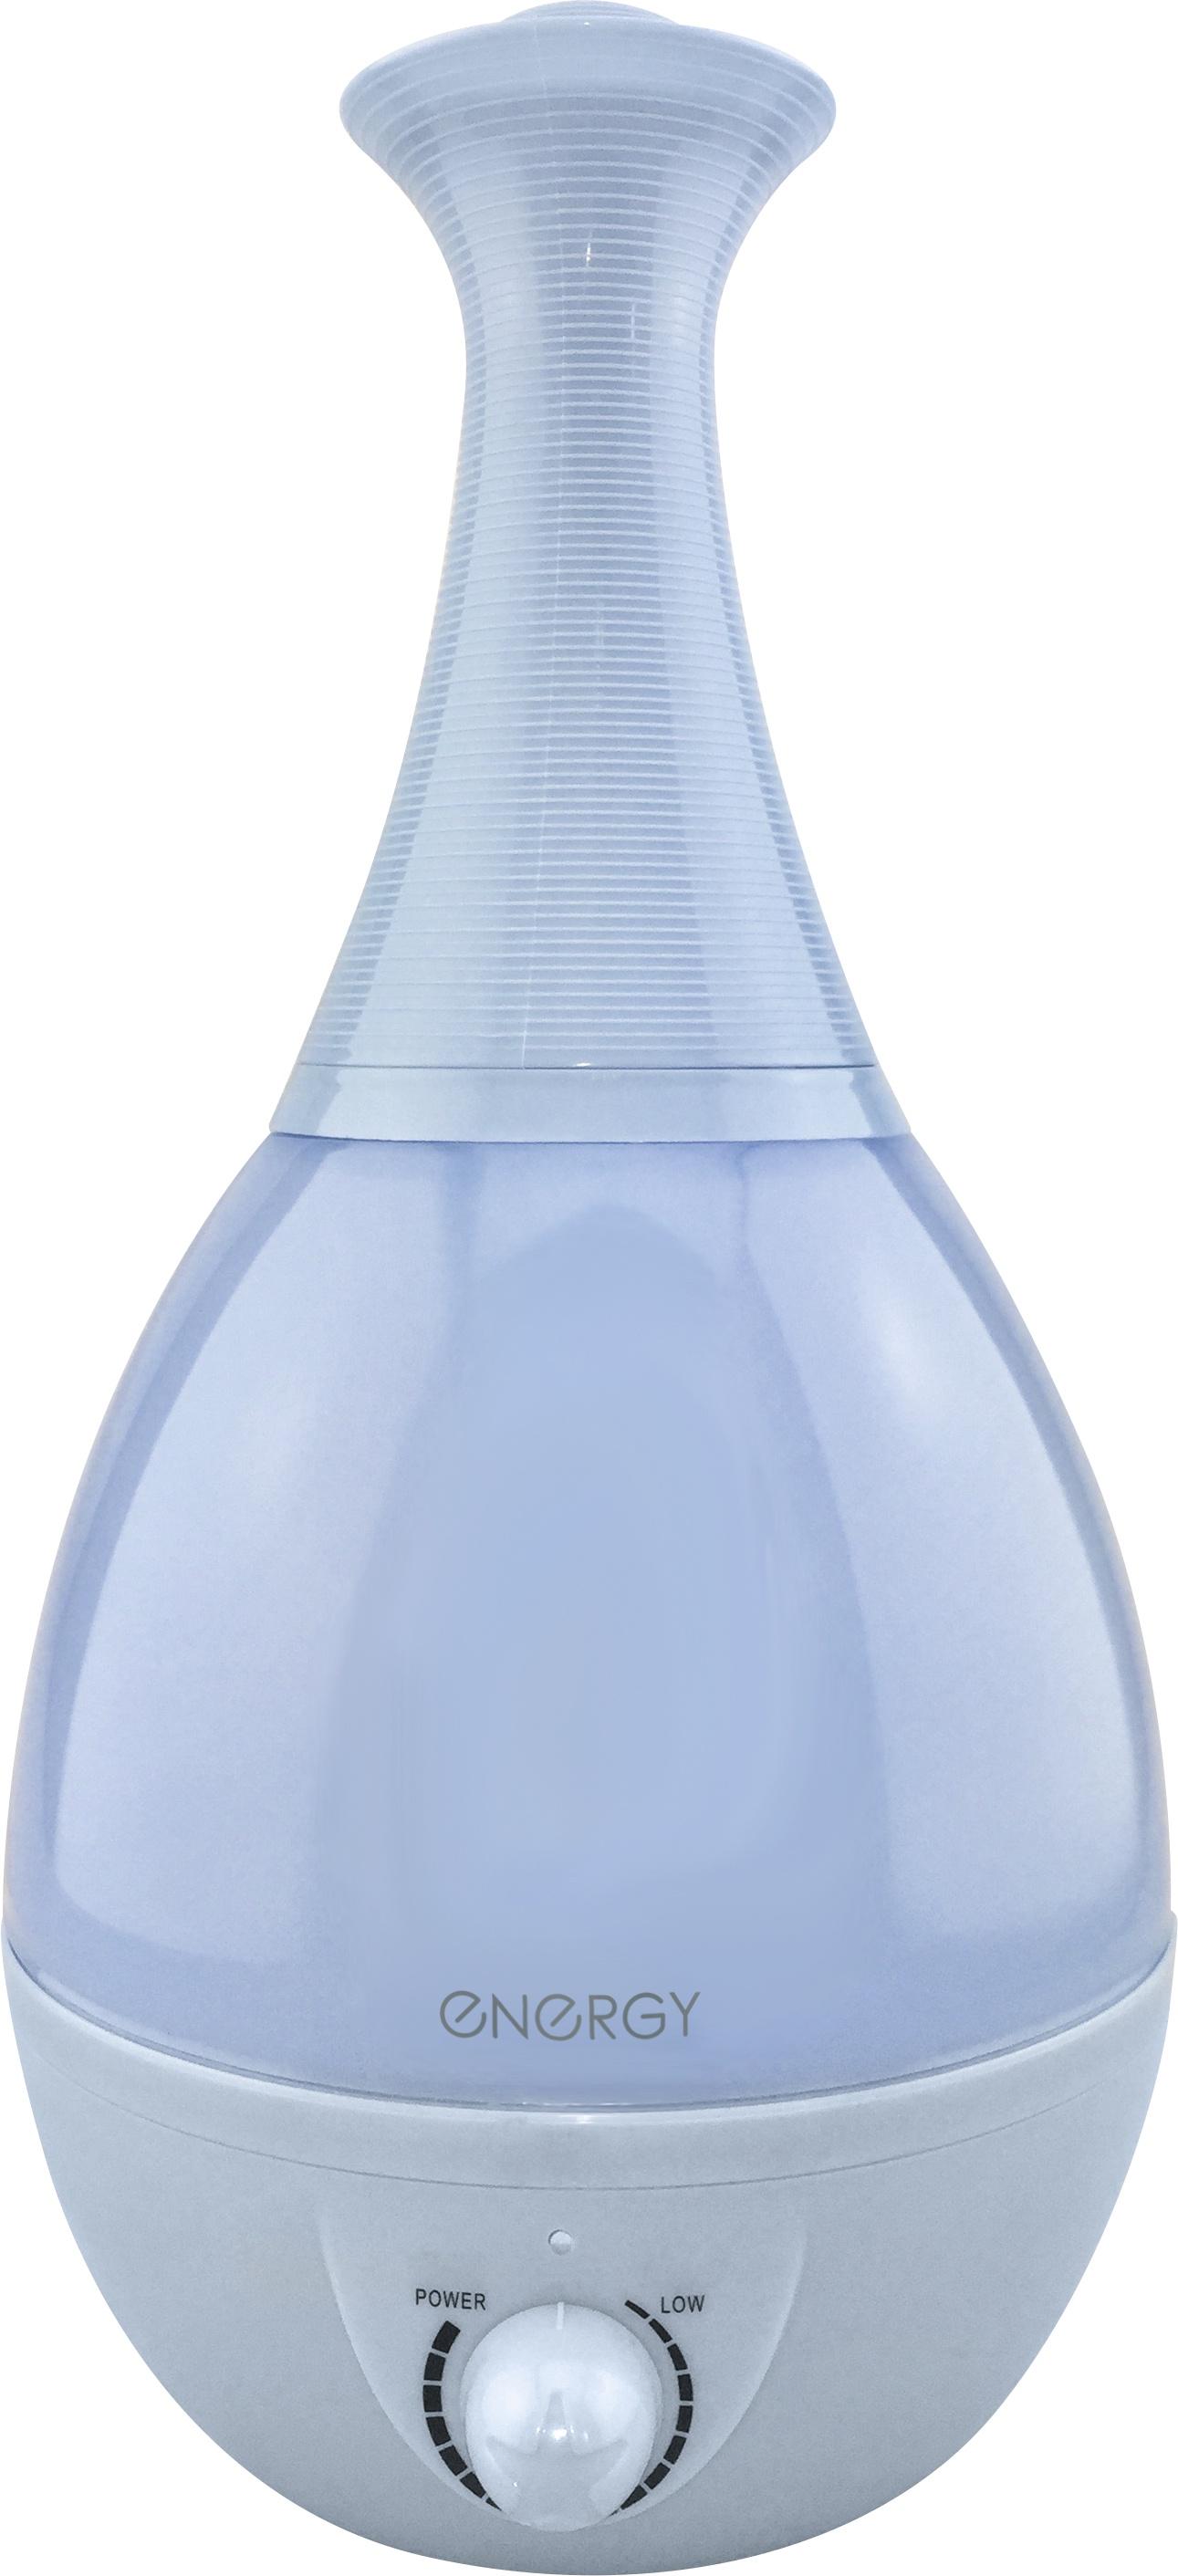 Увлажнитель воздуха EN-616 ENERGY (объём 2.6л, макс. распыление 250мл/час) голубой